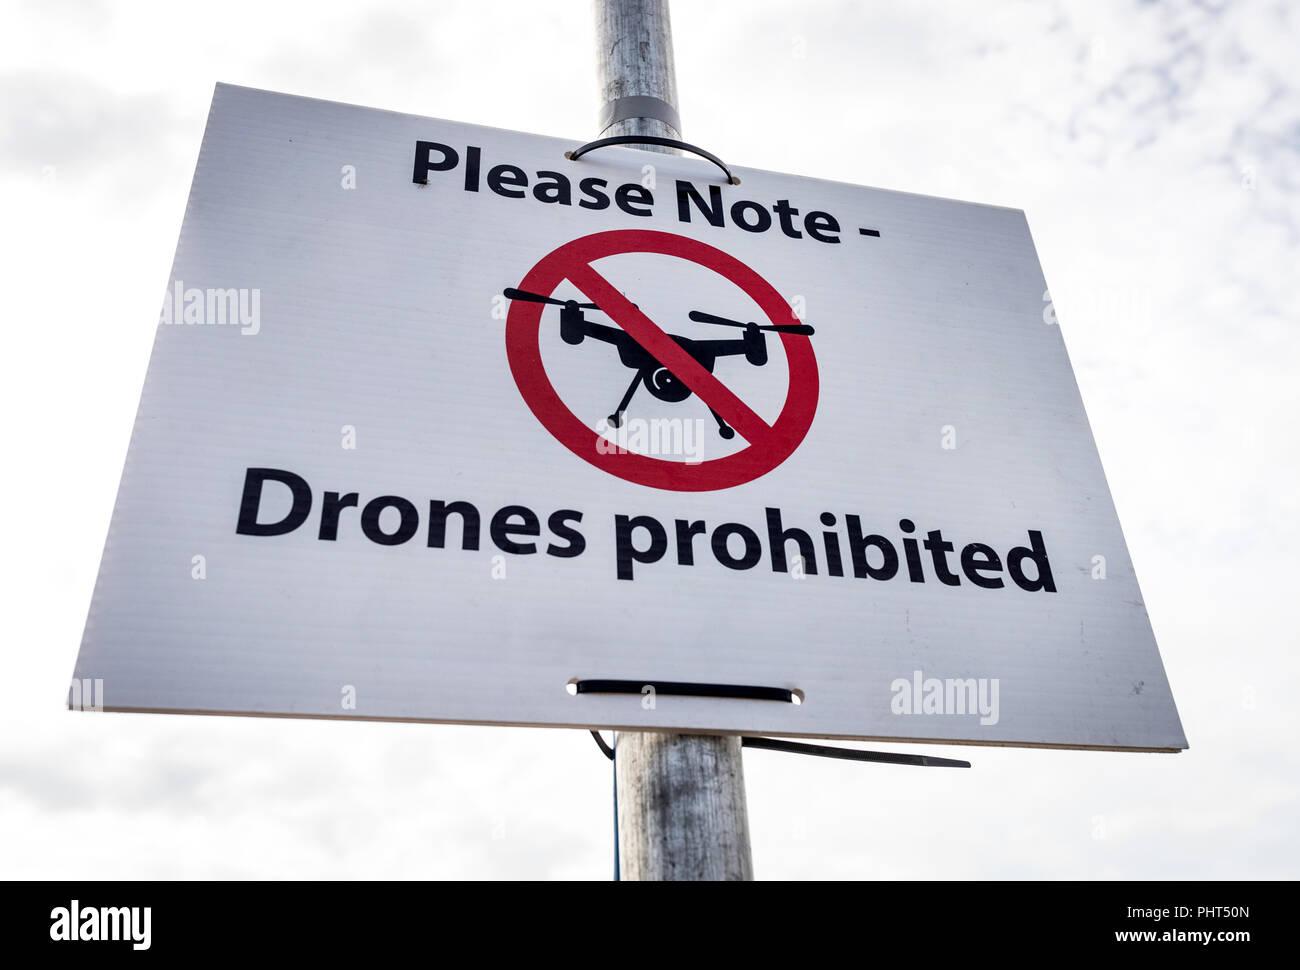 Kein Drone flying zone Zeichen in Bournemouth, Dorset, Großbritannien Stockbild